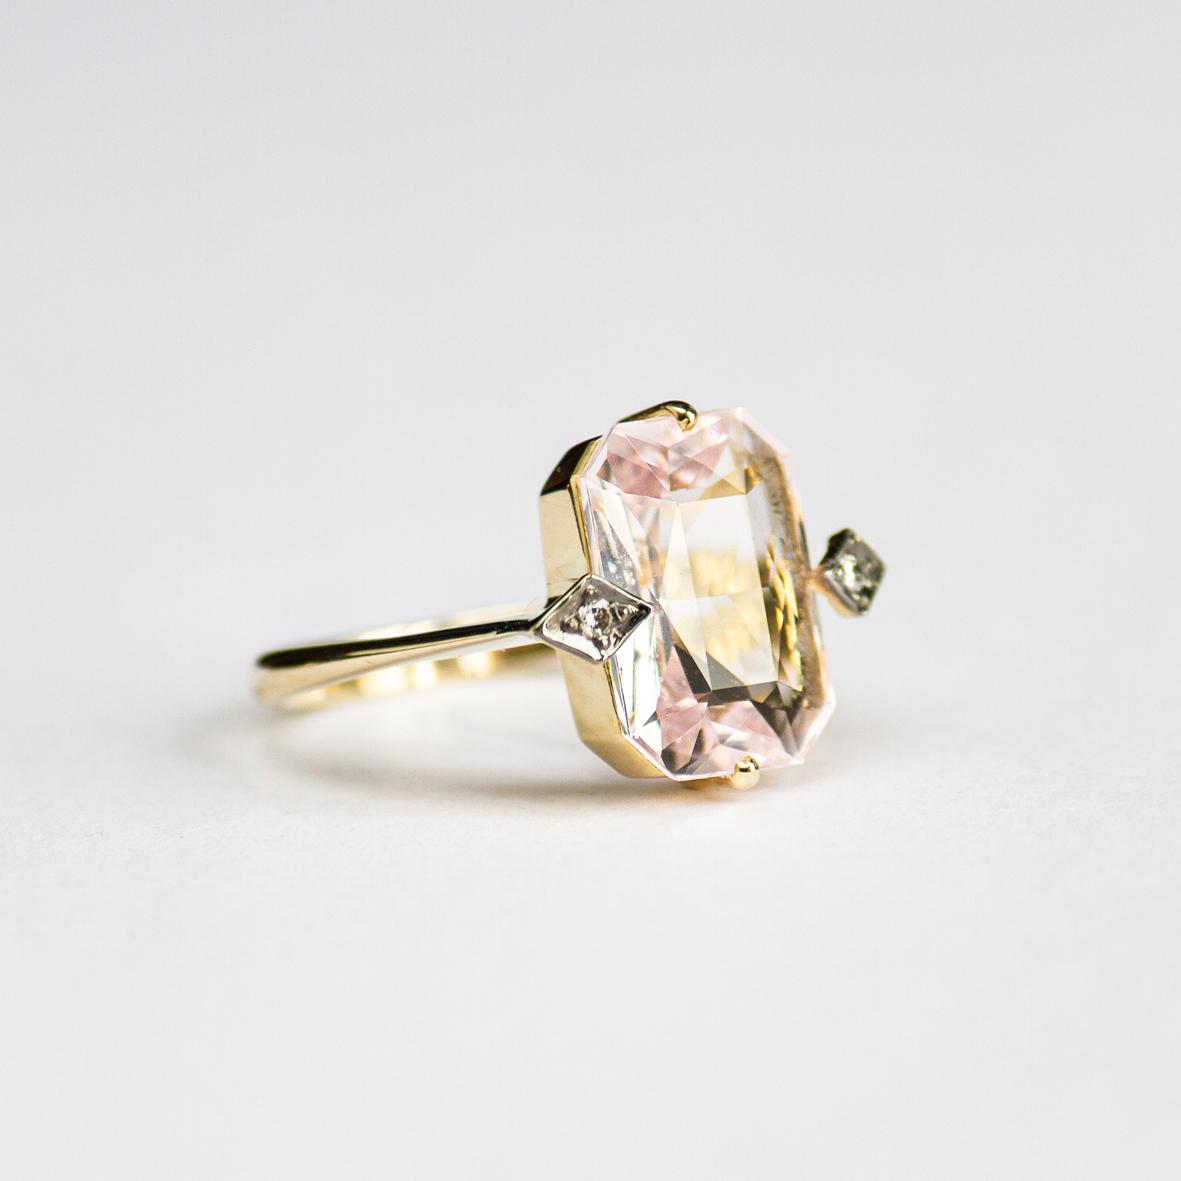 2. OONA_gems of ceylon_principal_morganite ring